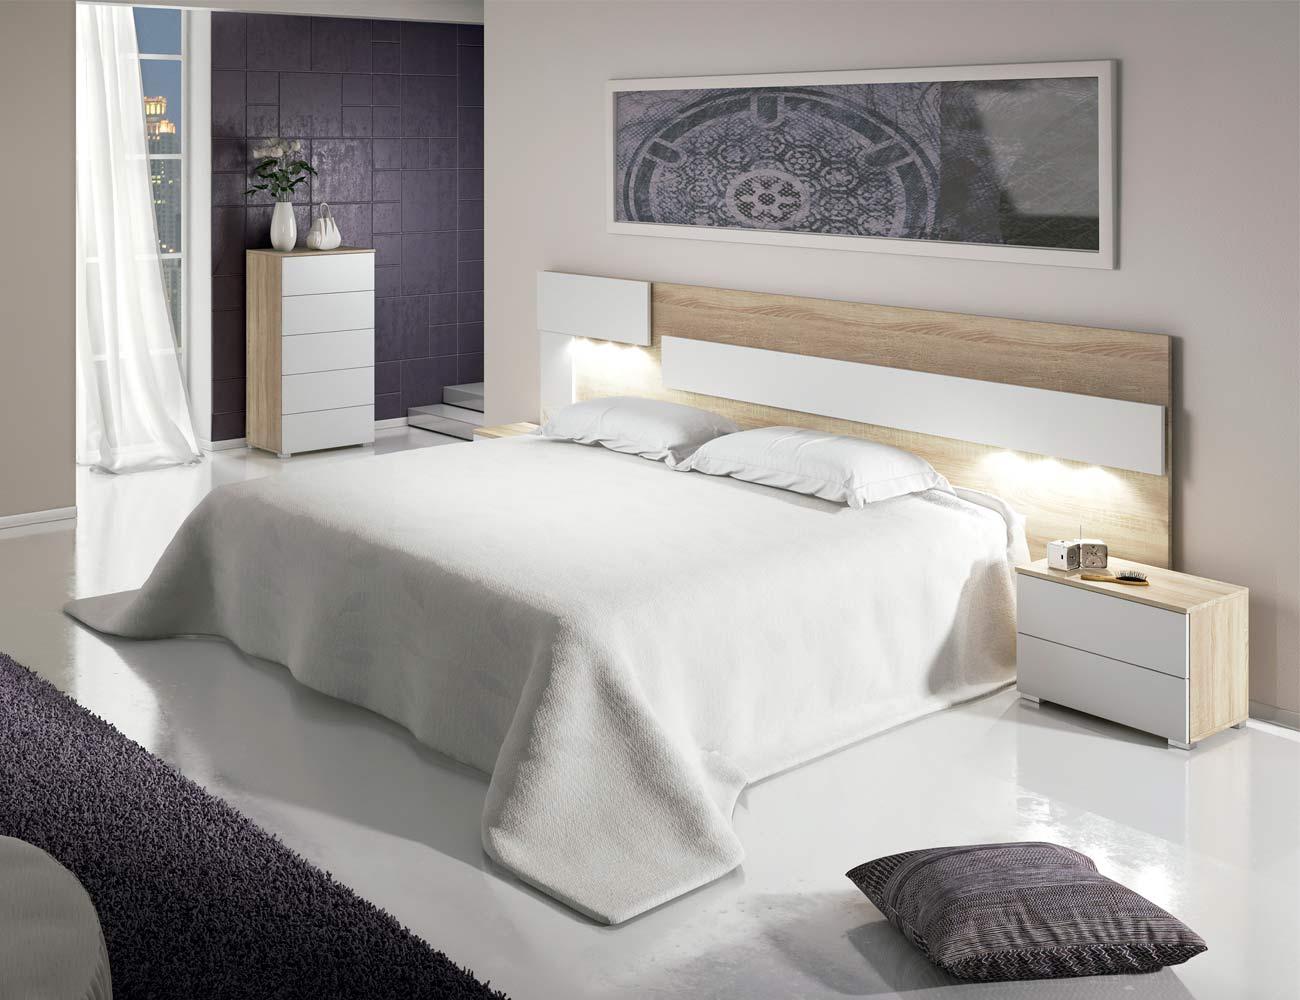 Dormitorio matrimonio moderno cabecero leds sinfonier cambrian blanco 04